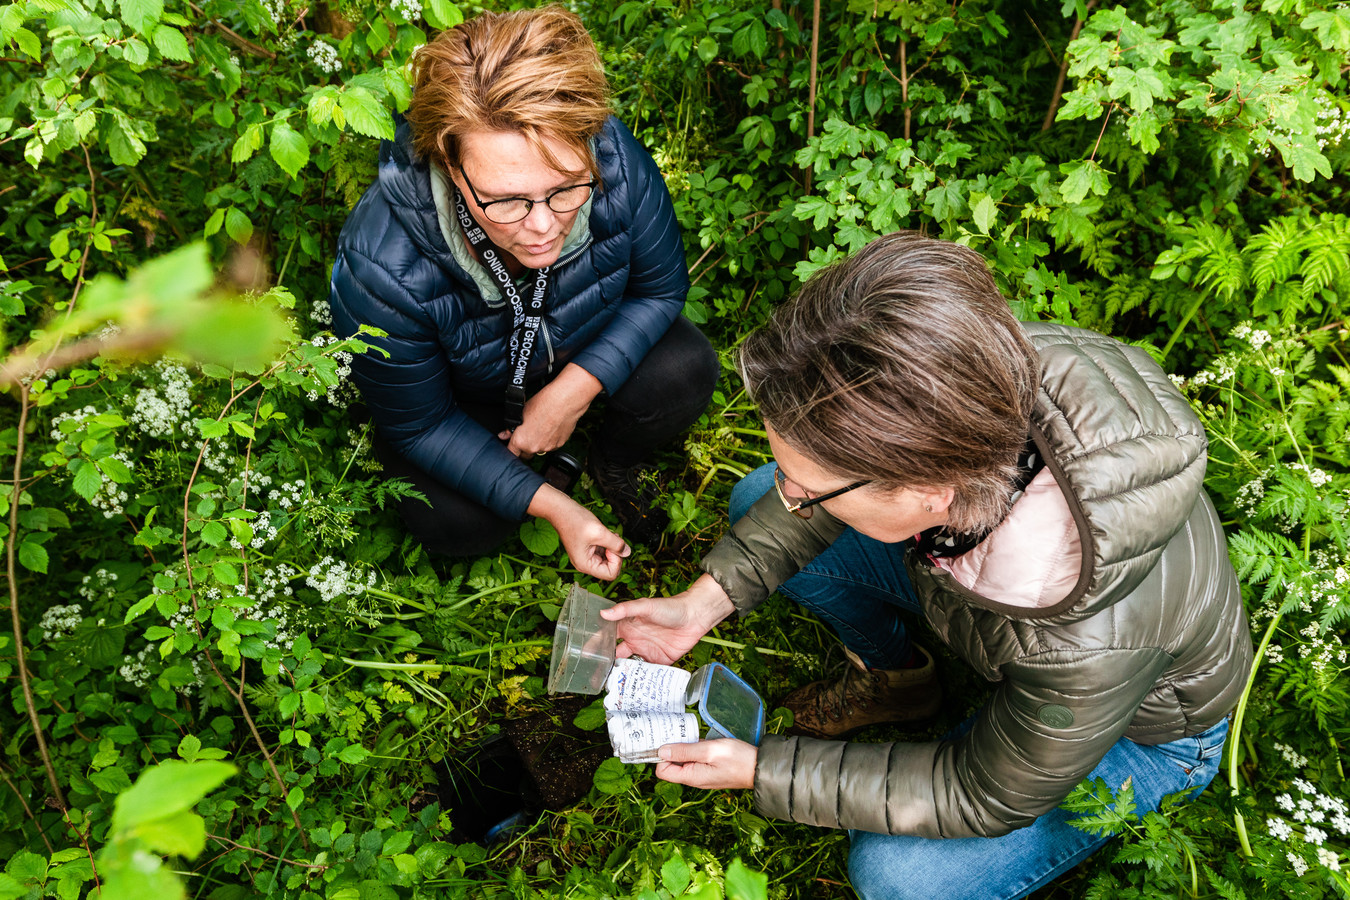 De zussen Sandra van Es (l) en Corina Damsteeg (r) bij een cache van hun reeks '1. Giessenburg op de kaart'.